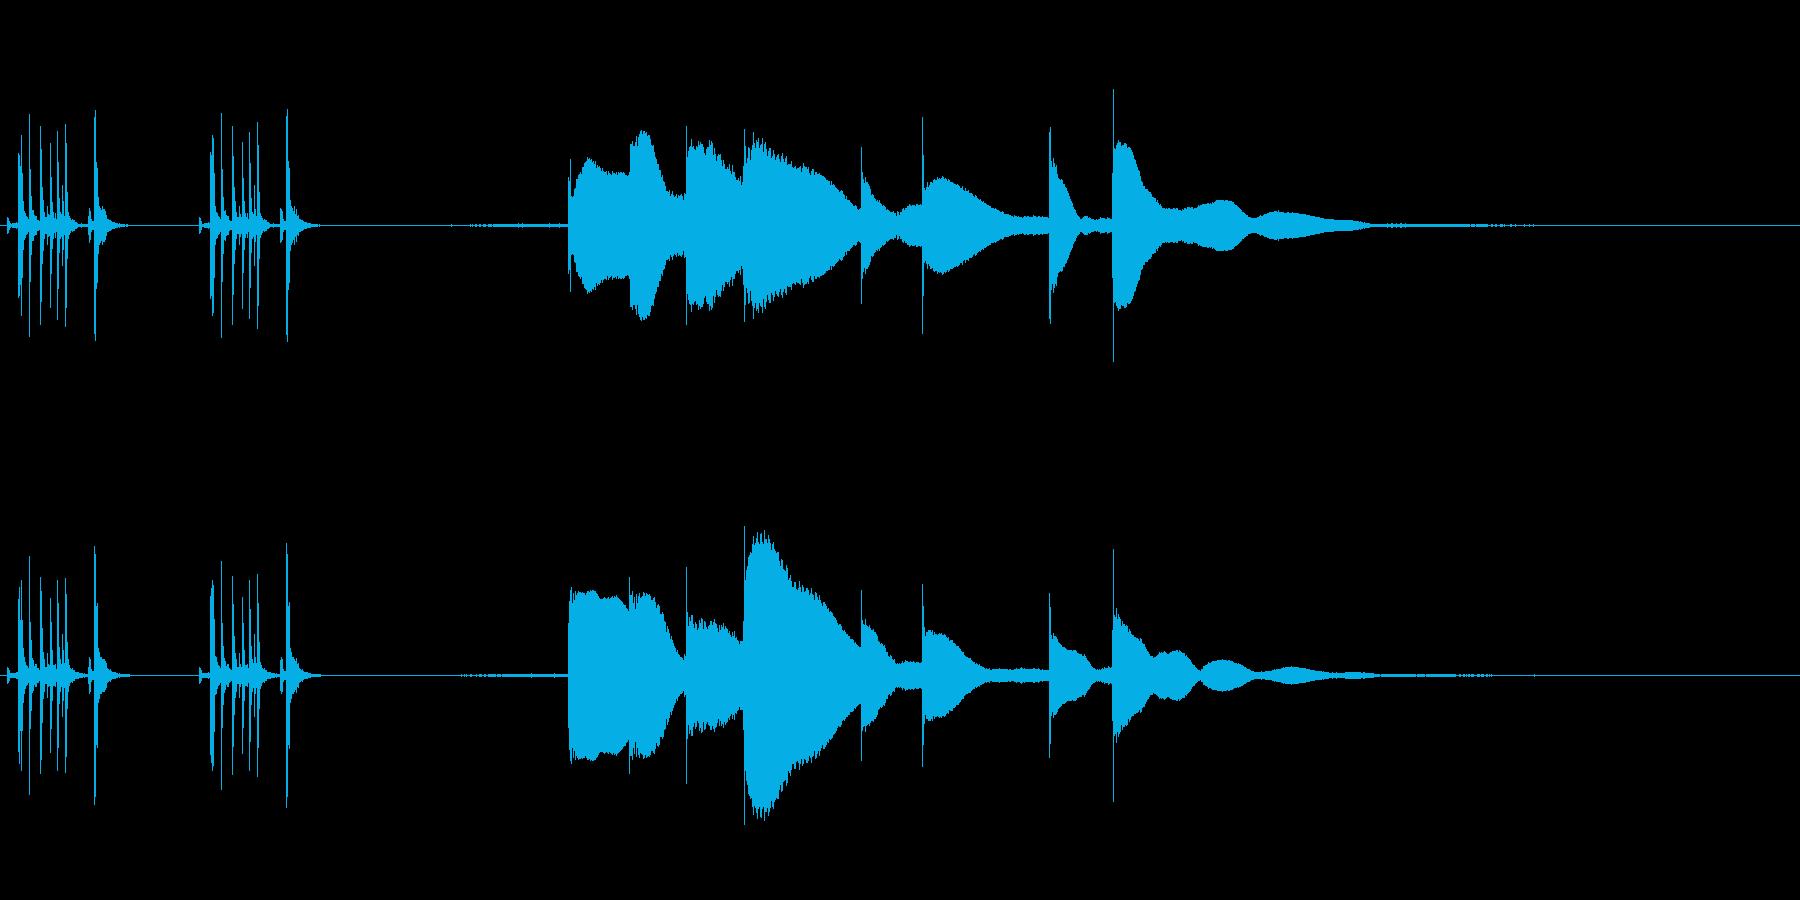 ジングル用オルゴール楽曲12-1の再生済みの波形